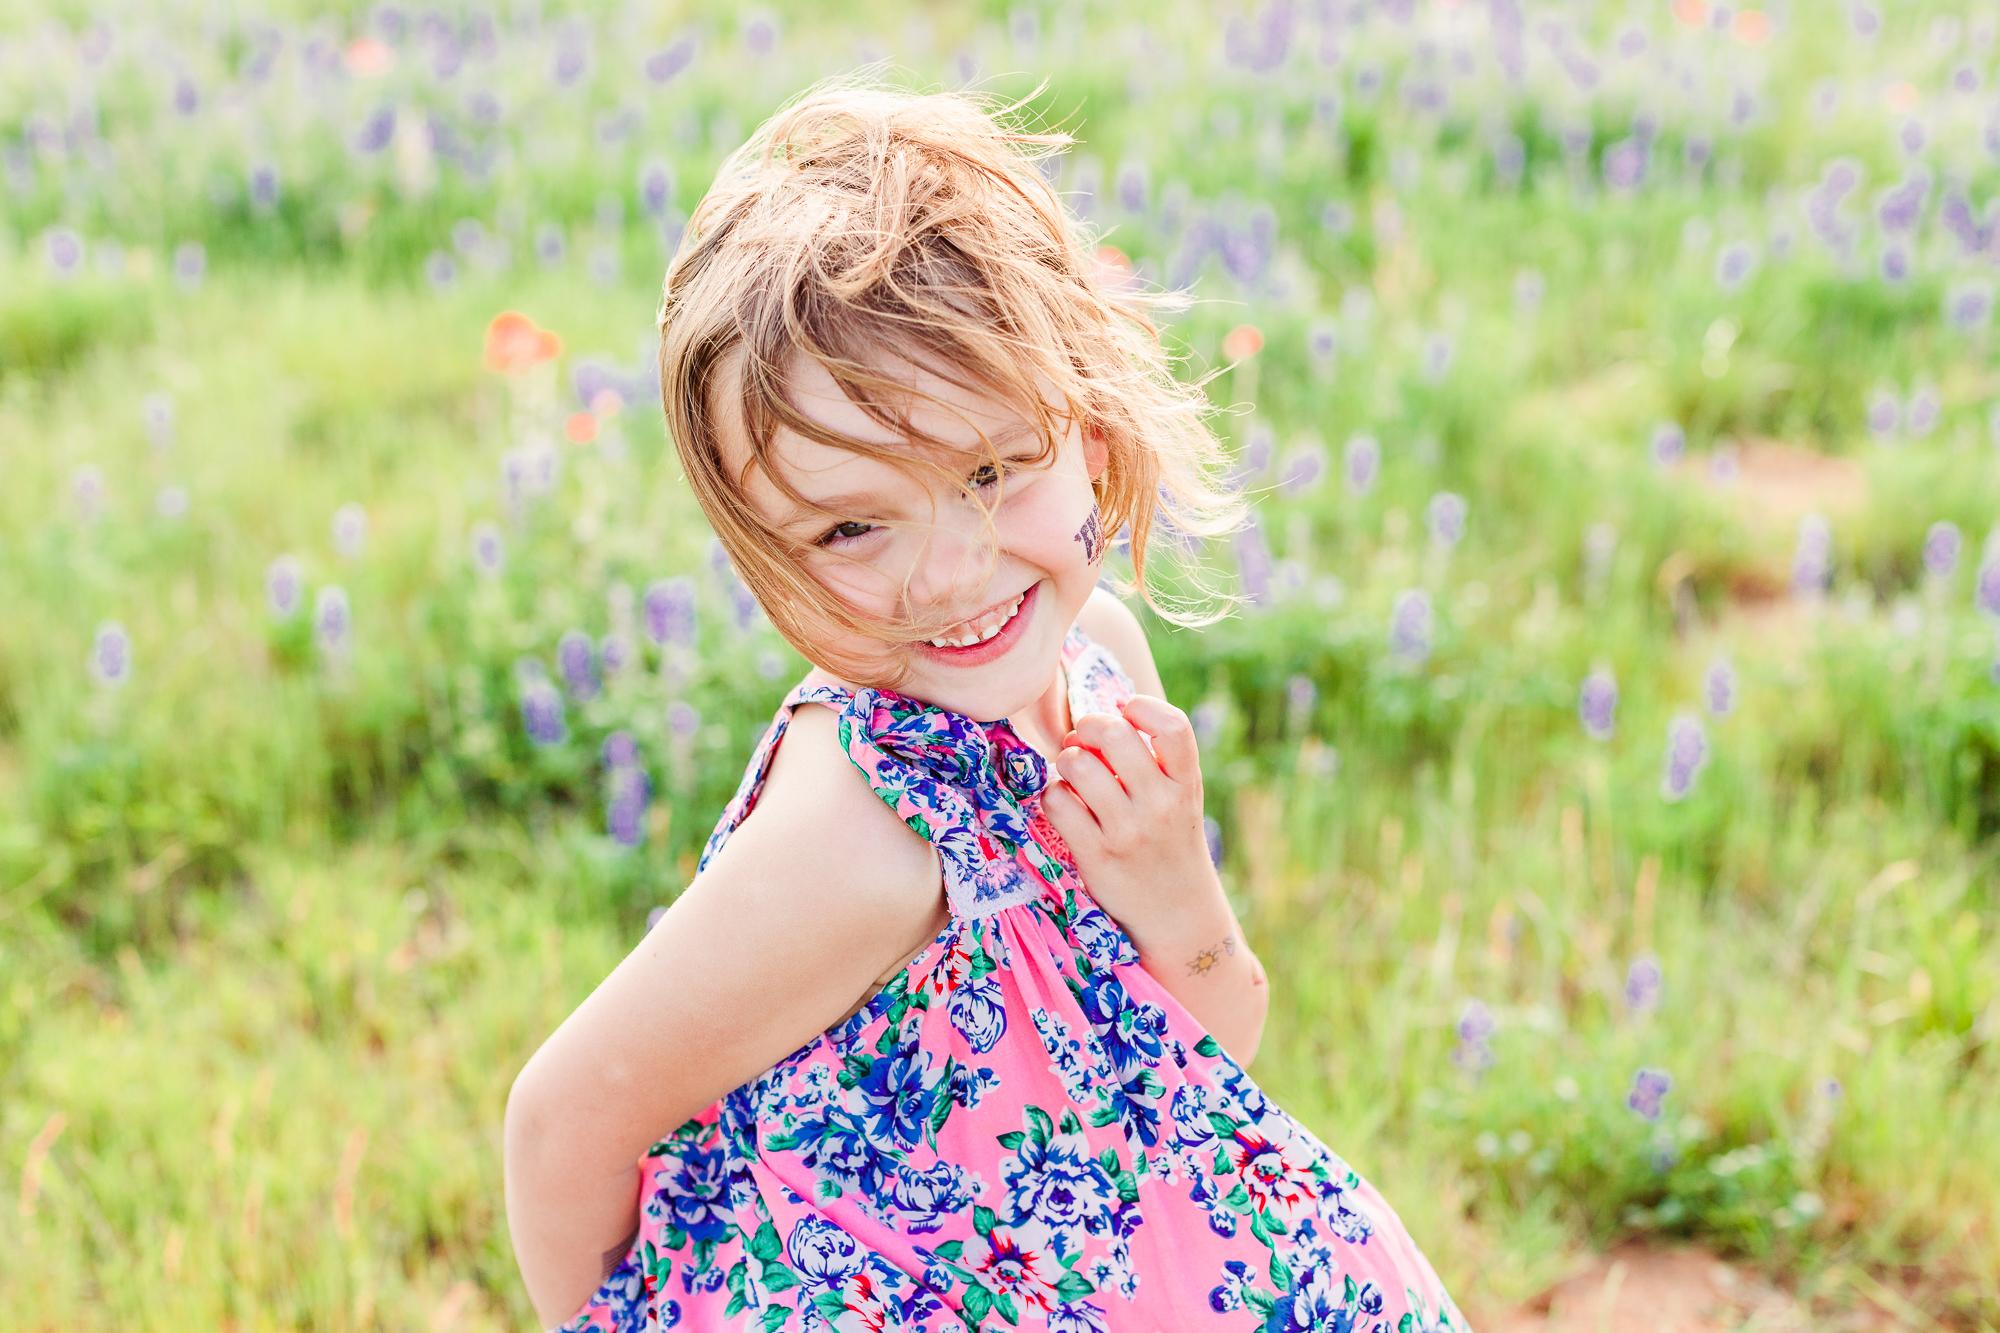 032919-CoughlinWildflowers-299.jpg